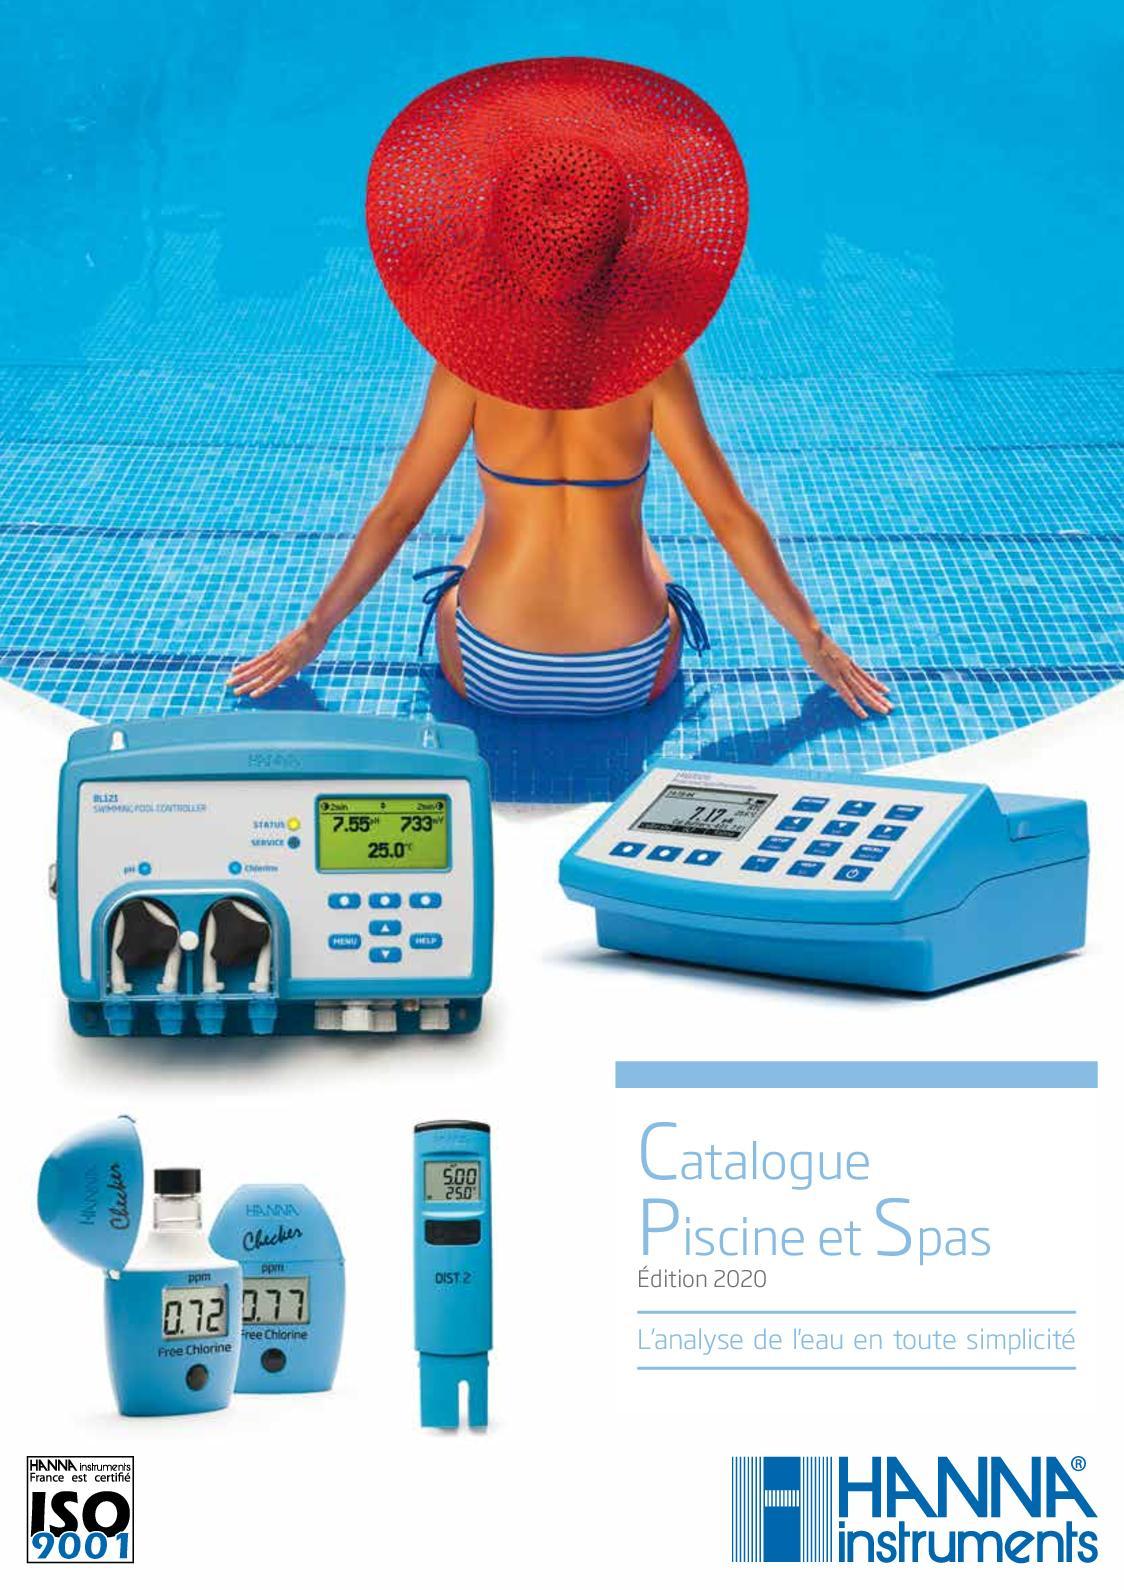 Calaméo - Catalogue Piscines Et Spas Édition 2020 avec Thermometre Piscine Connecté